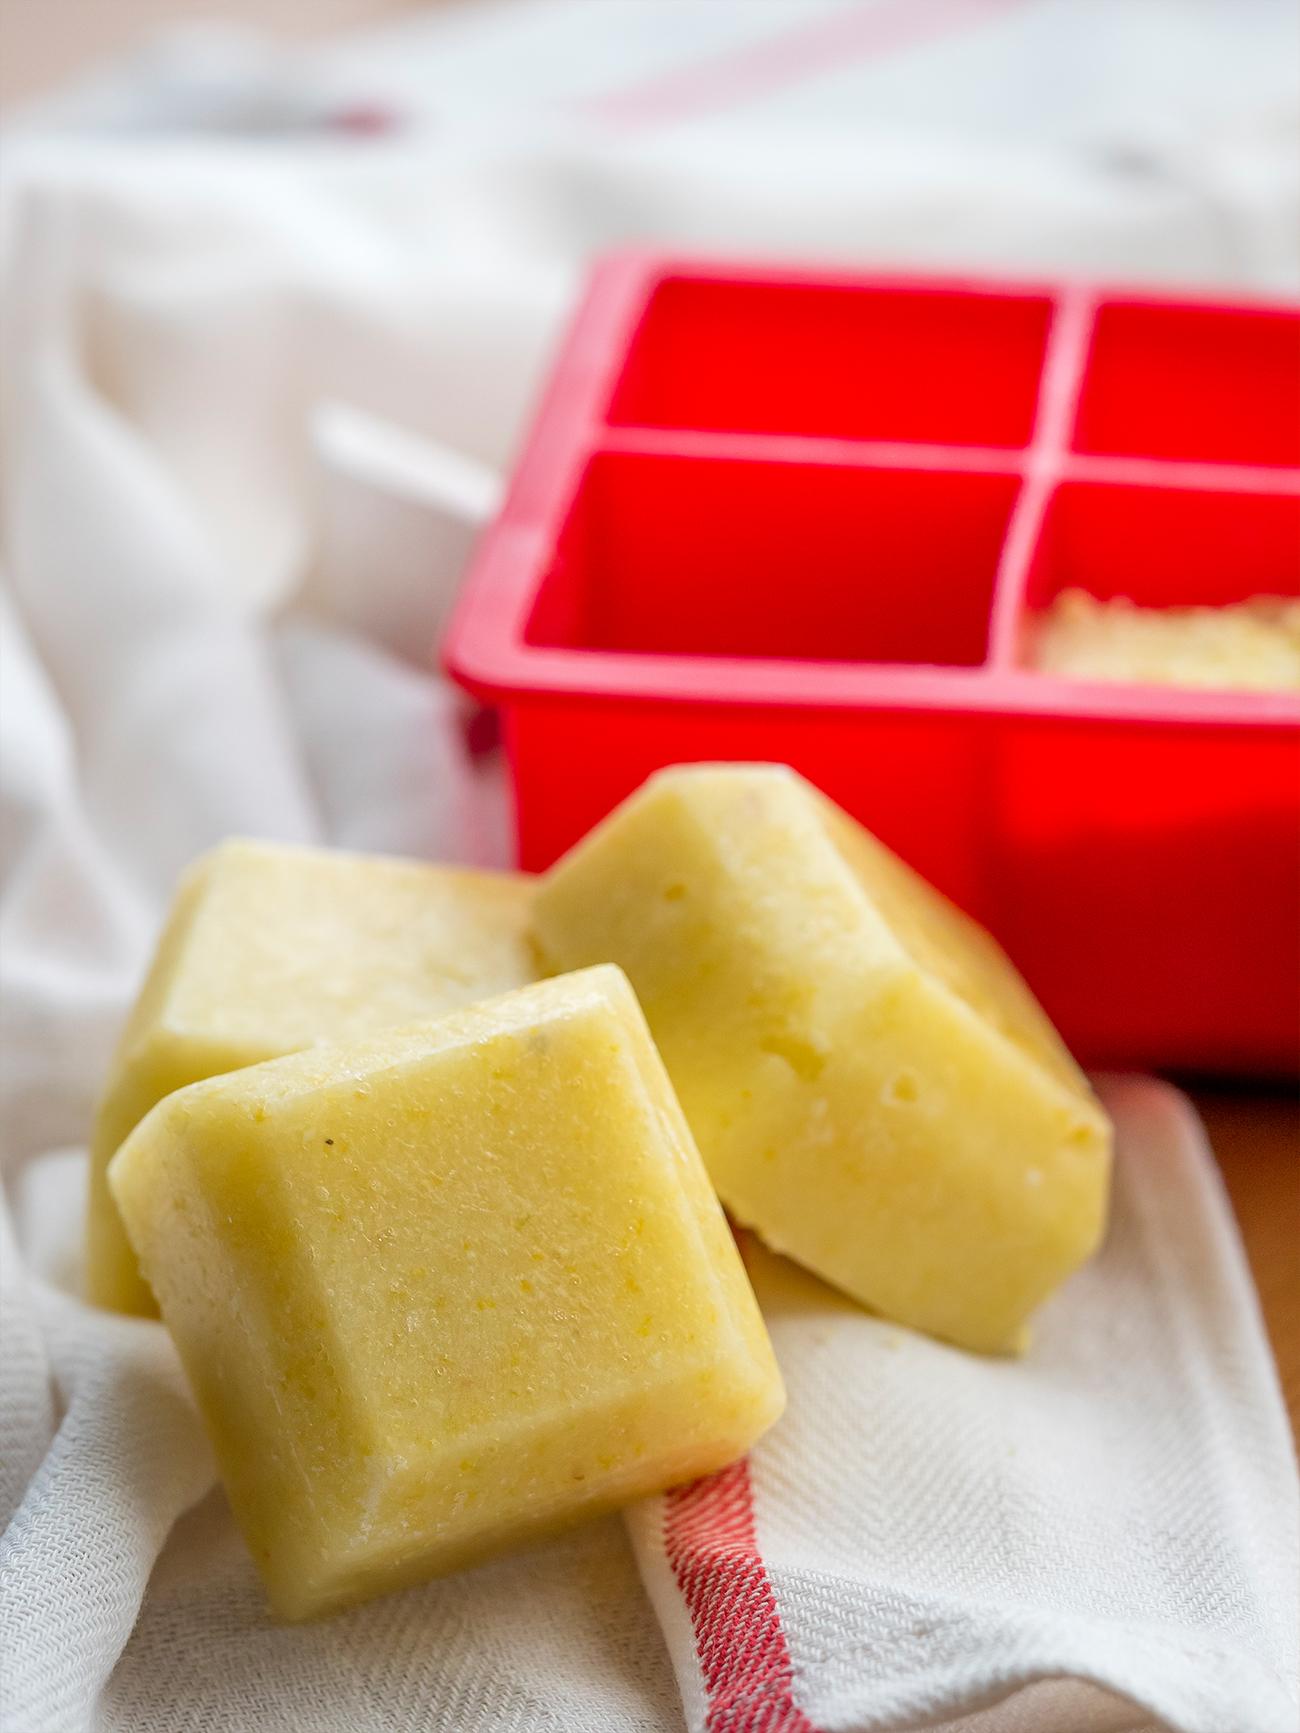 Lemon Detox Ice Cubes Vertical 1